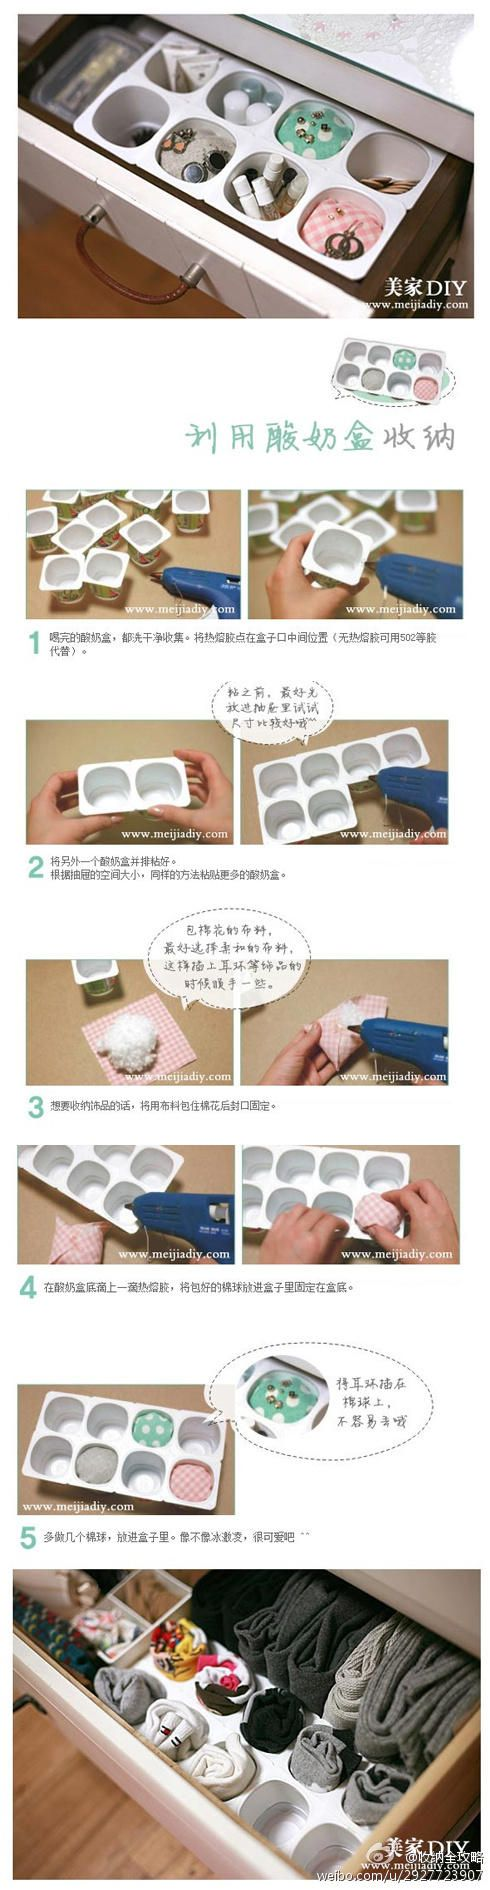 Organiza tus cajones con vasitos de yogur